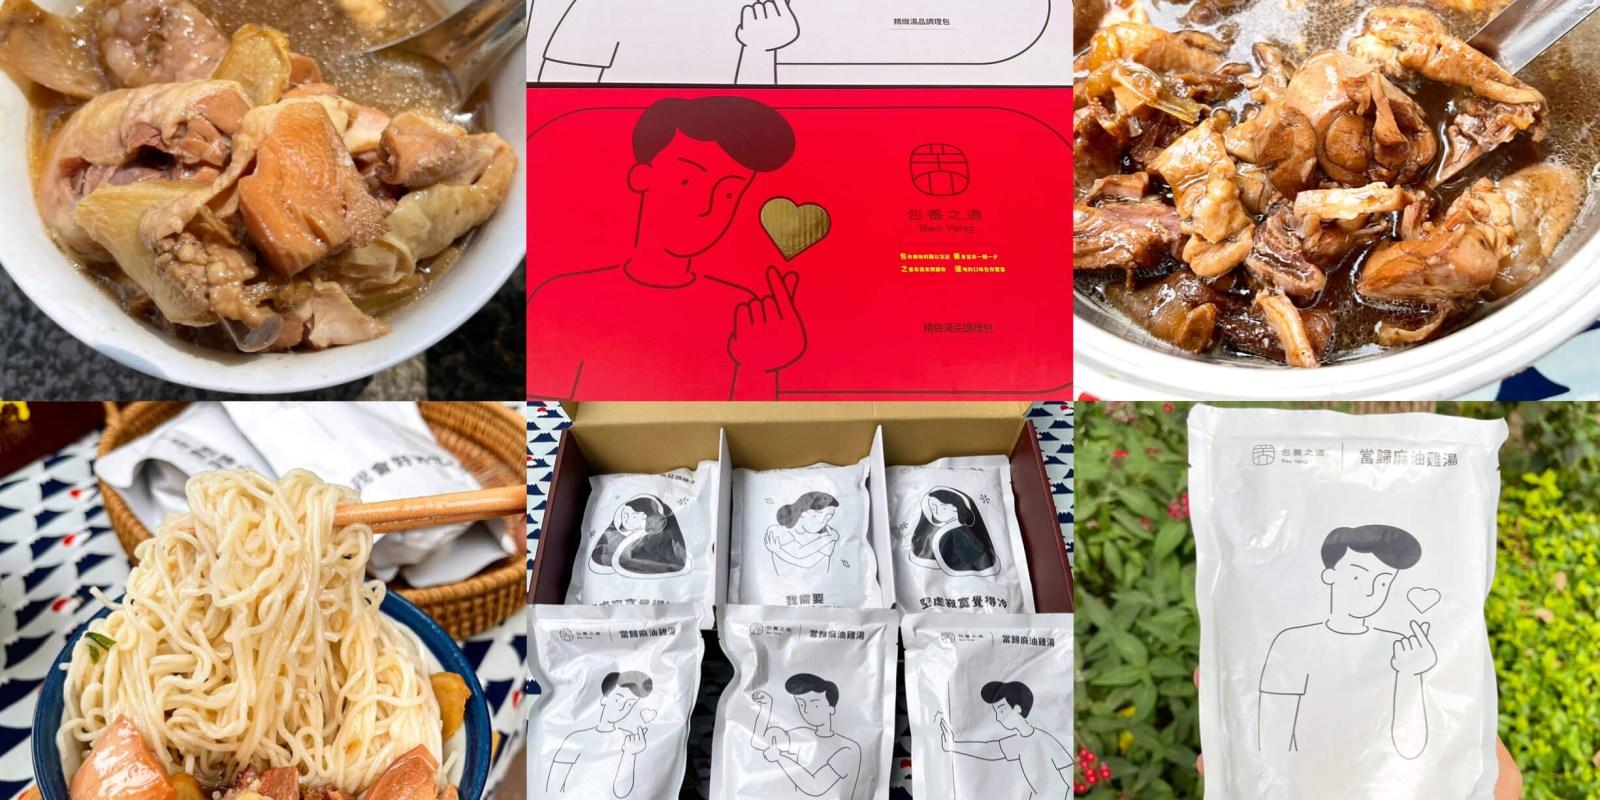 [宅配美食] 包養之道 - 黑蒜頭雞湯和當歸麻油雞湯的非冷凍雞湯讓你在家煮雞湯